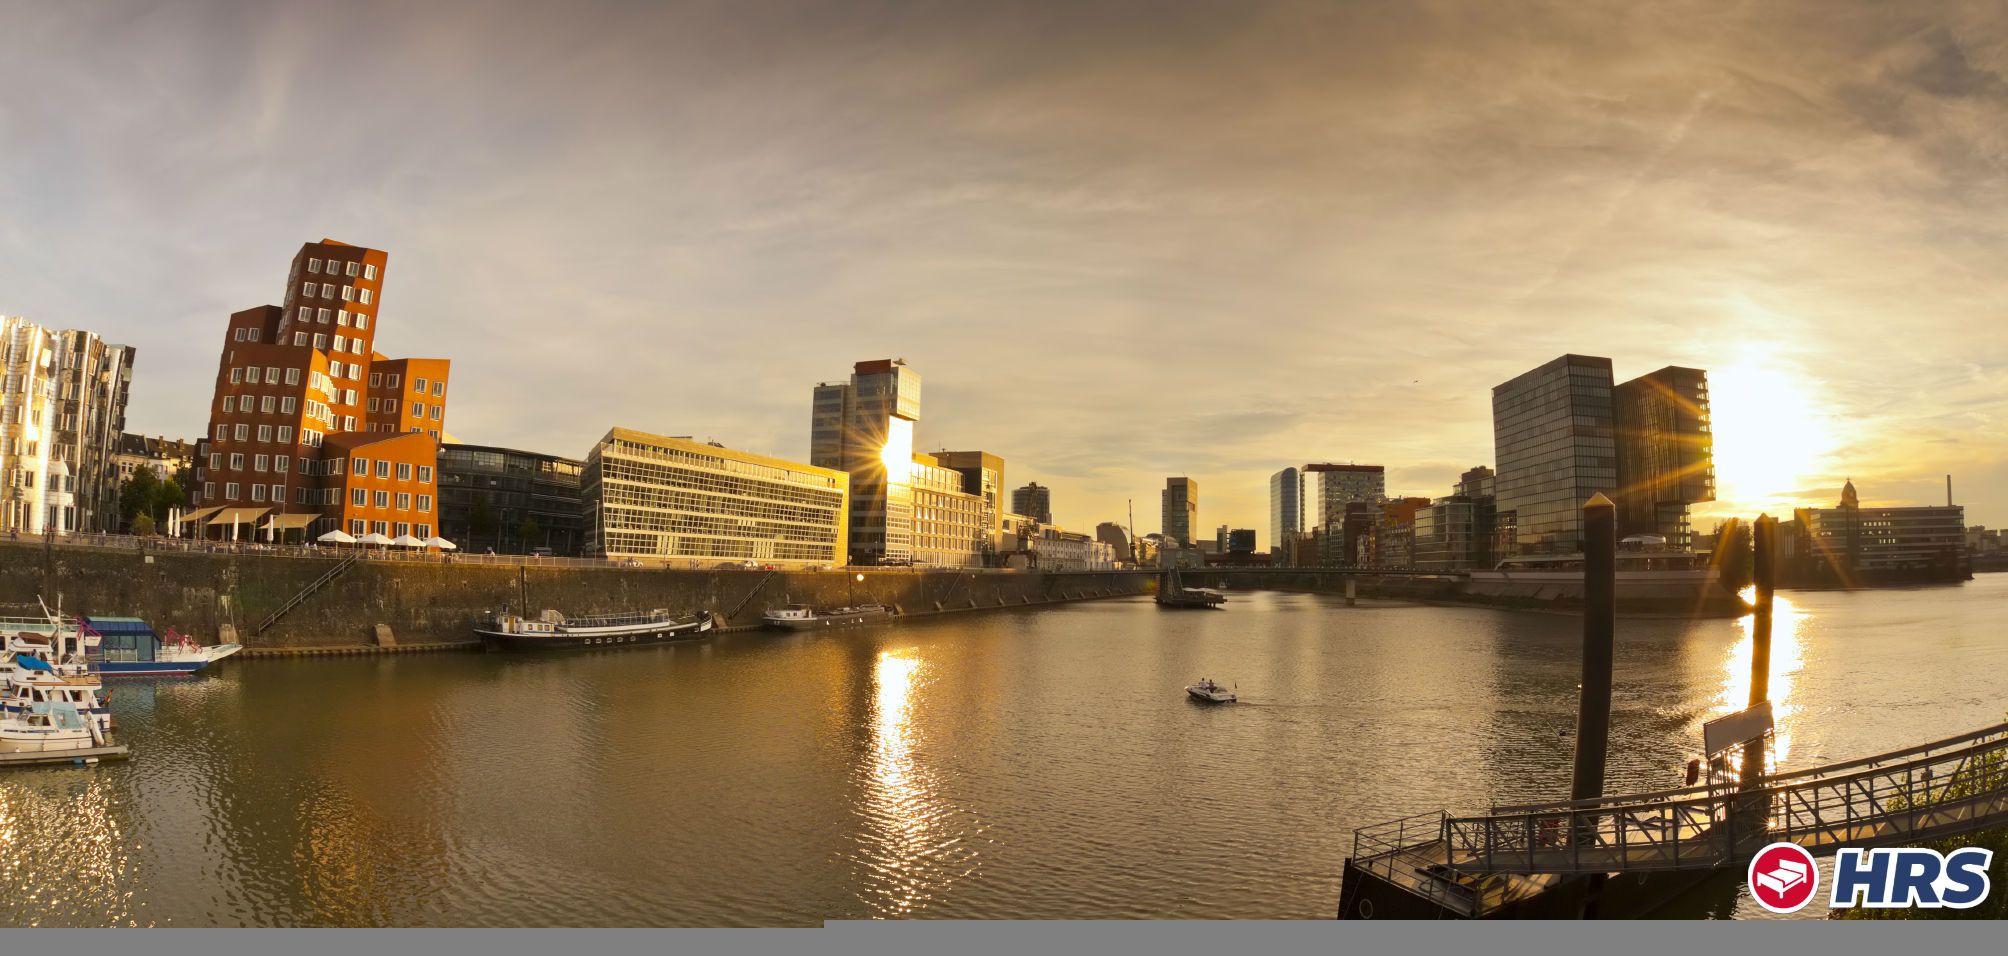 Entdeckt Düsseldorf , die Medienstadt am Rhein. Euer gut